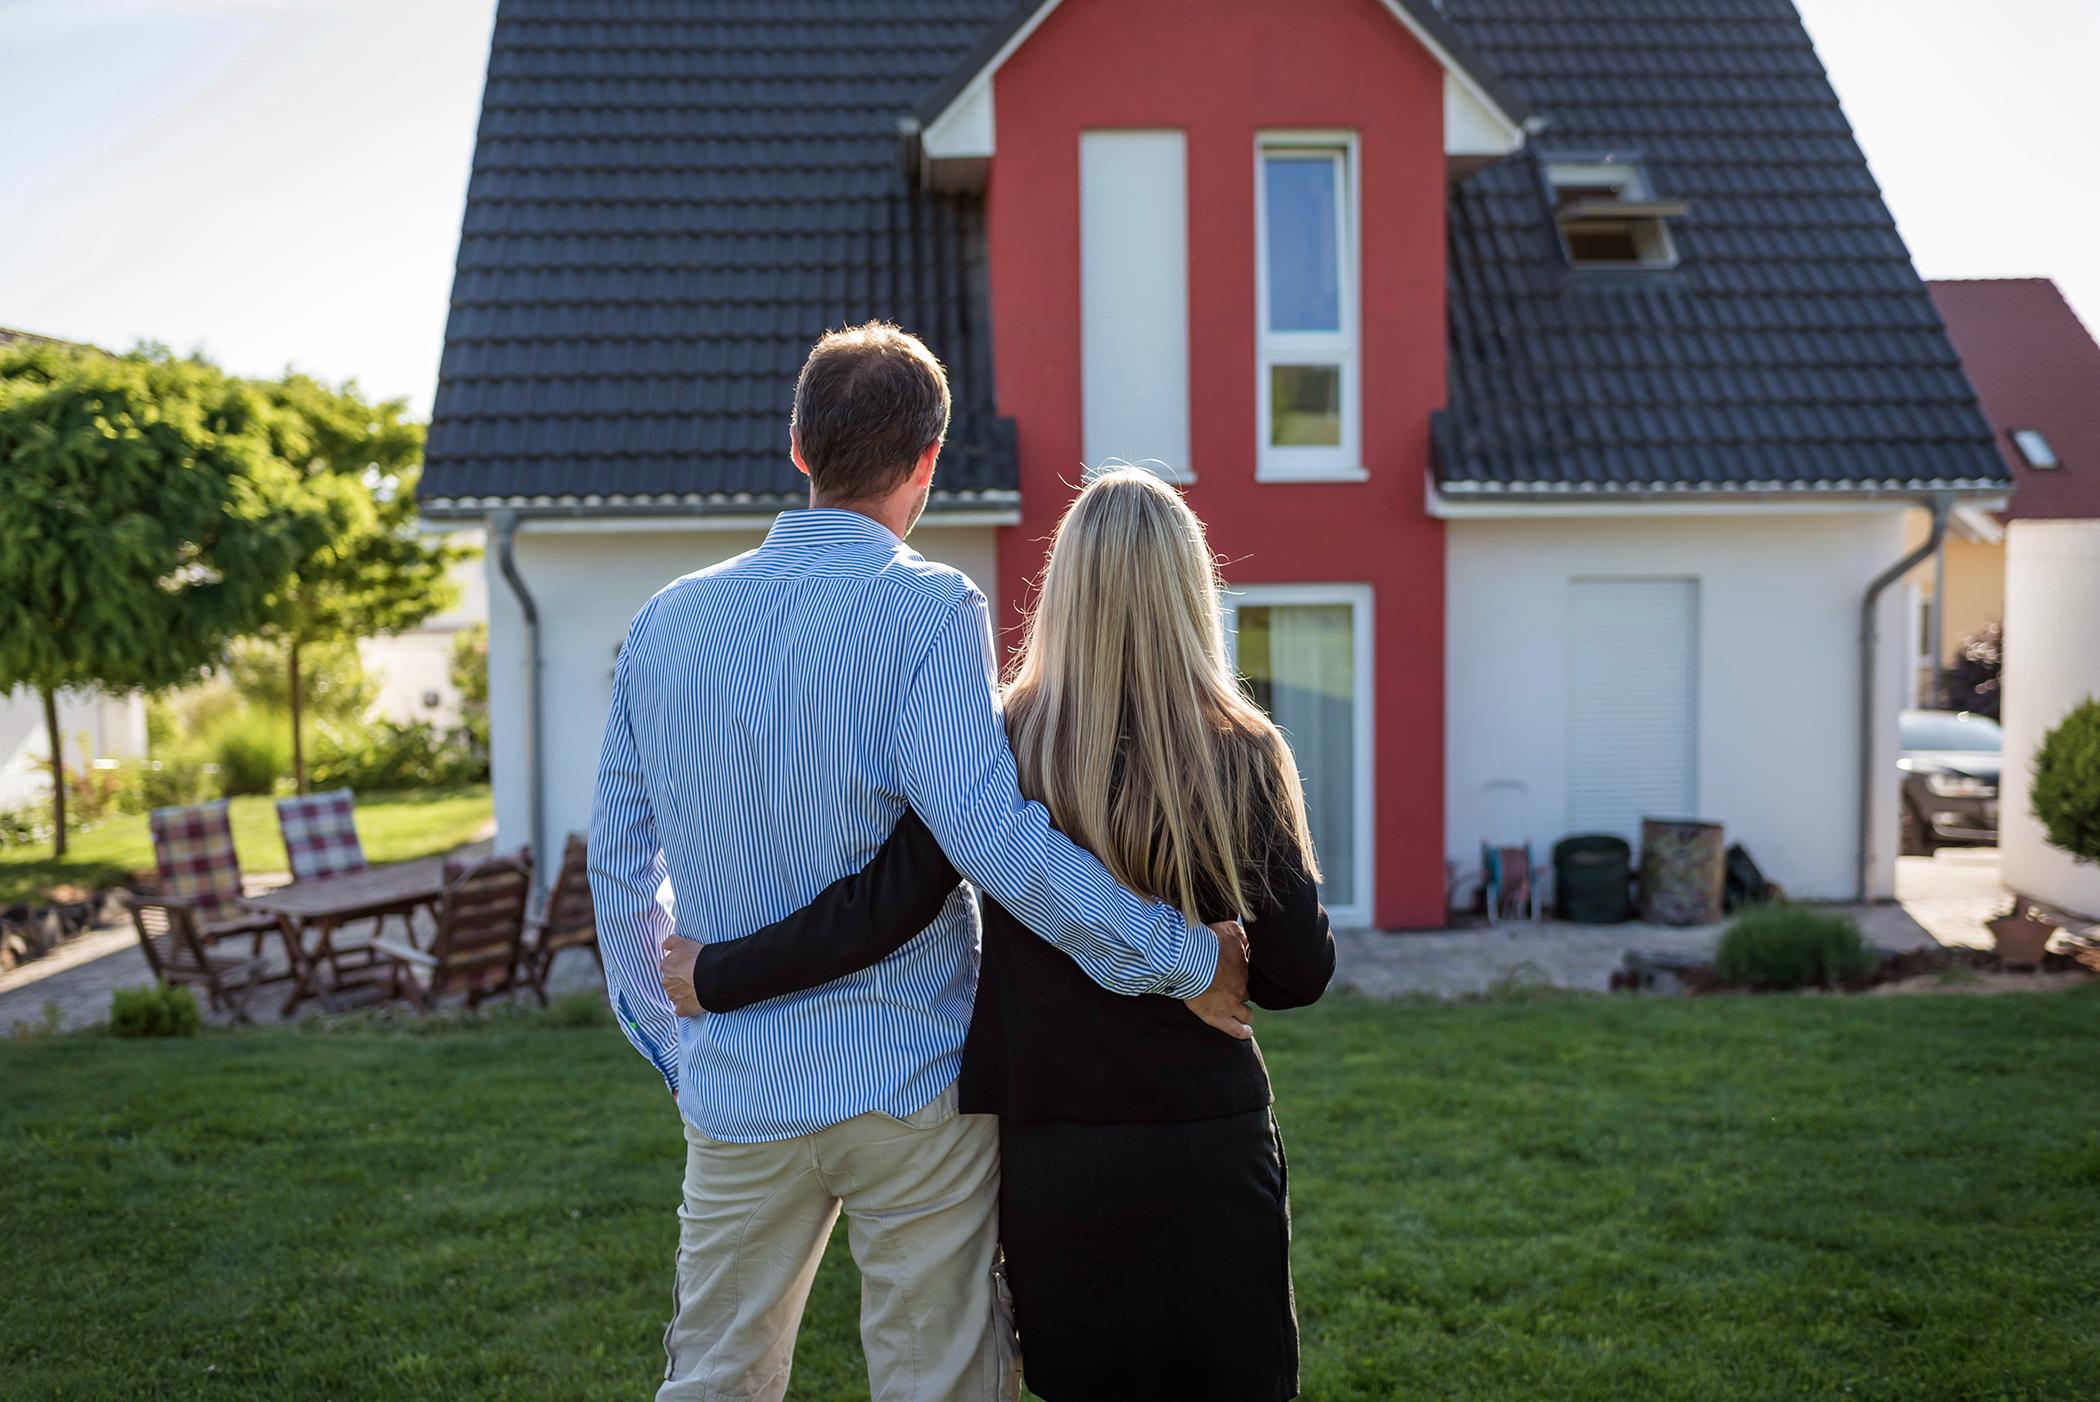 beim Kauf eines Hauses